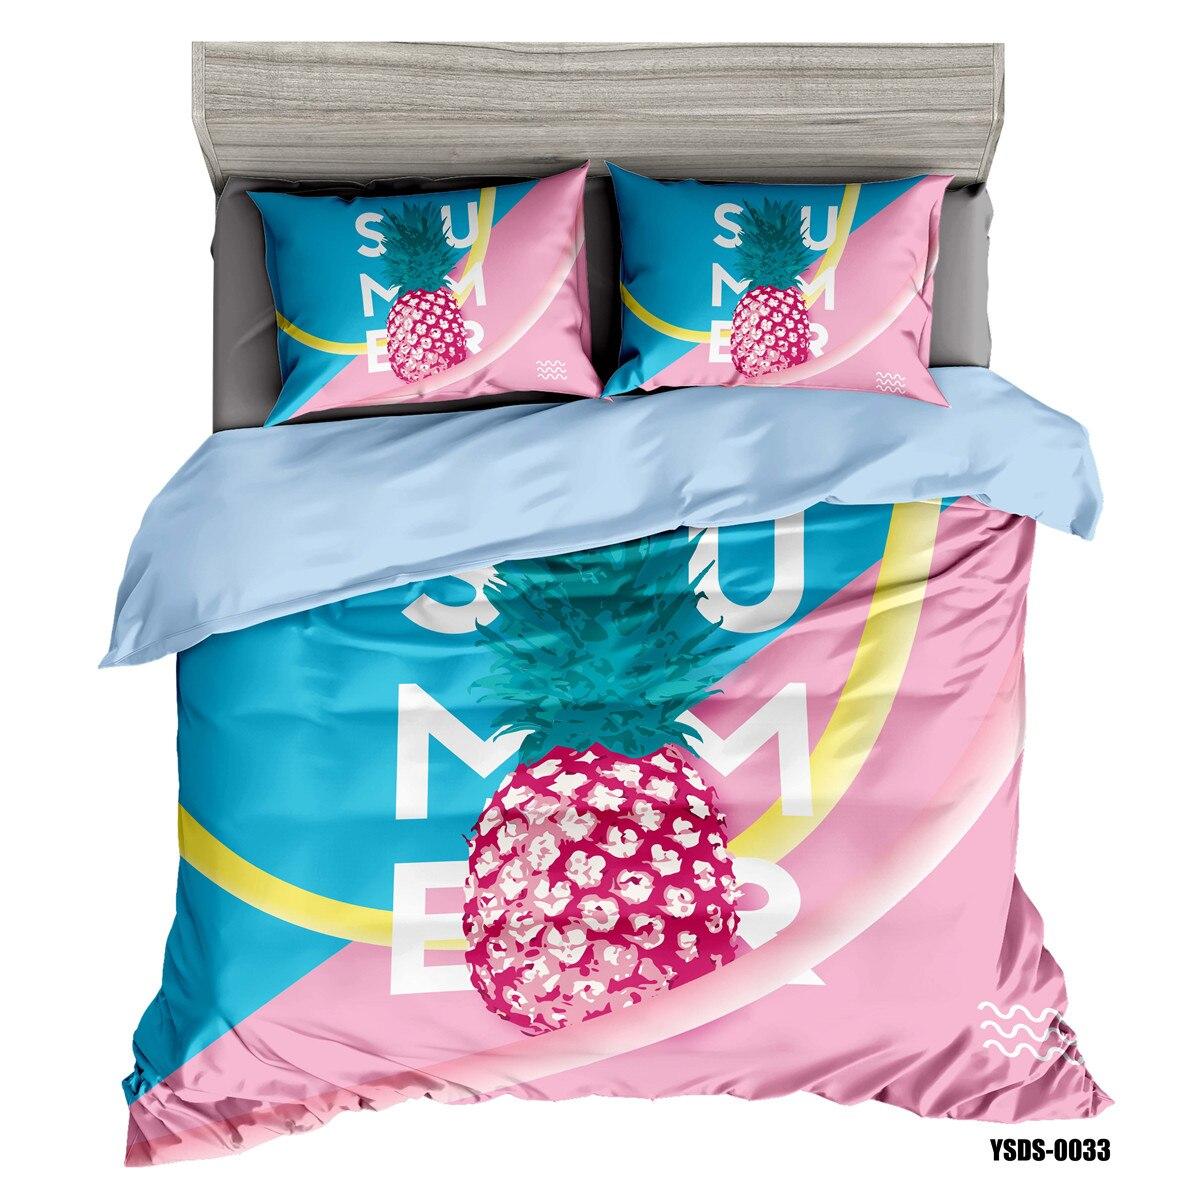 الكرتون الأناناس حاف مجموعة غطاء طقم سرير غطاء السرير المفارش مع أكياسها 2/3 قطعة لا المعزي هبوط السفينة